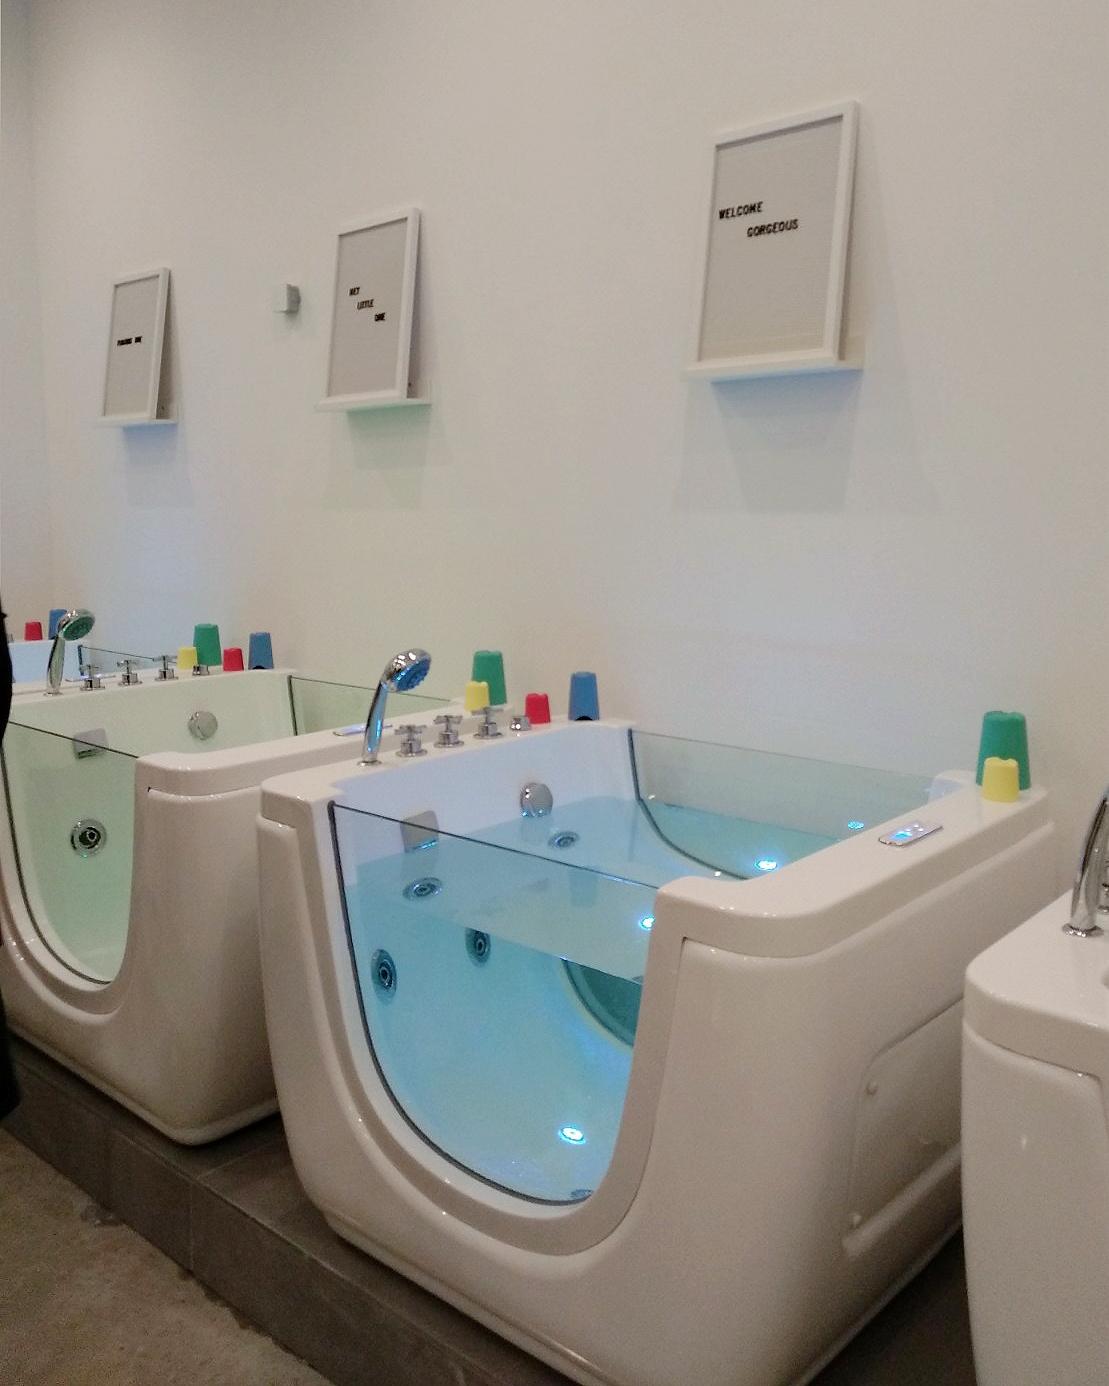 Babyfloat Becken, Luxus schon für die Kleinsten